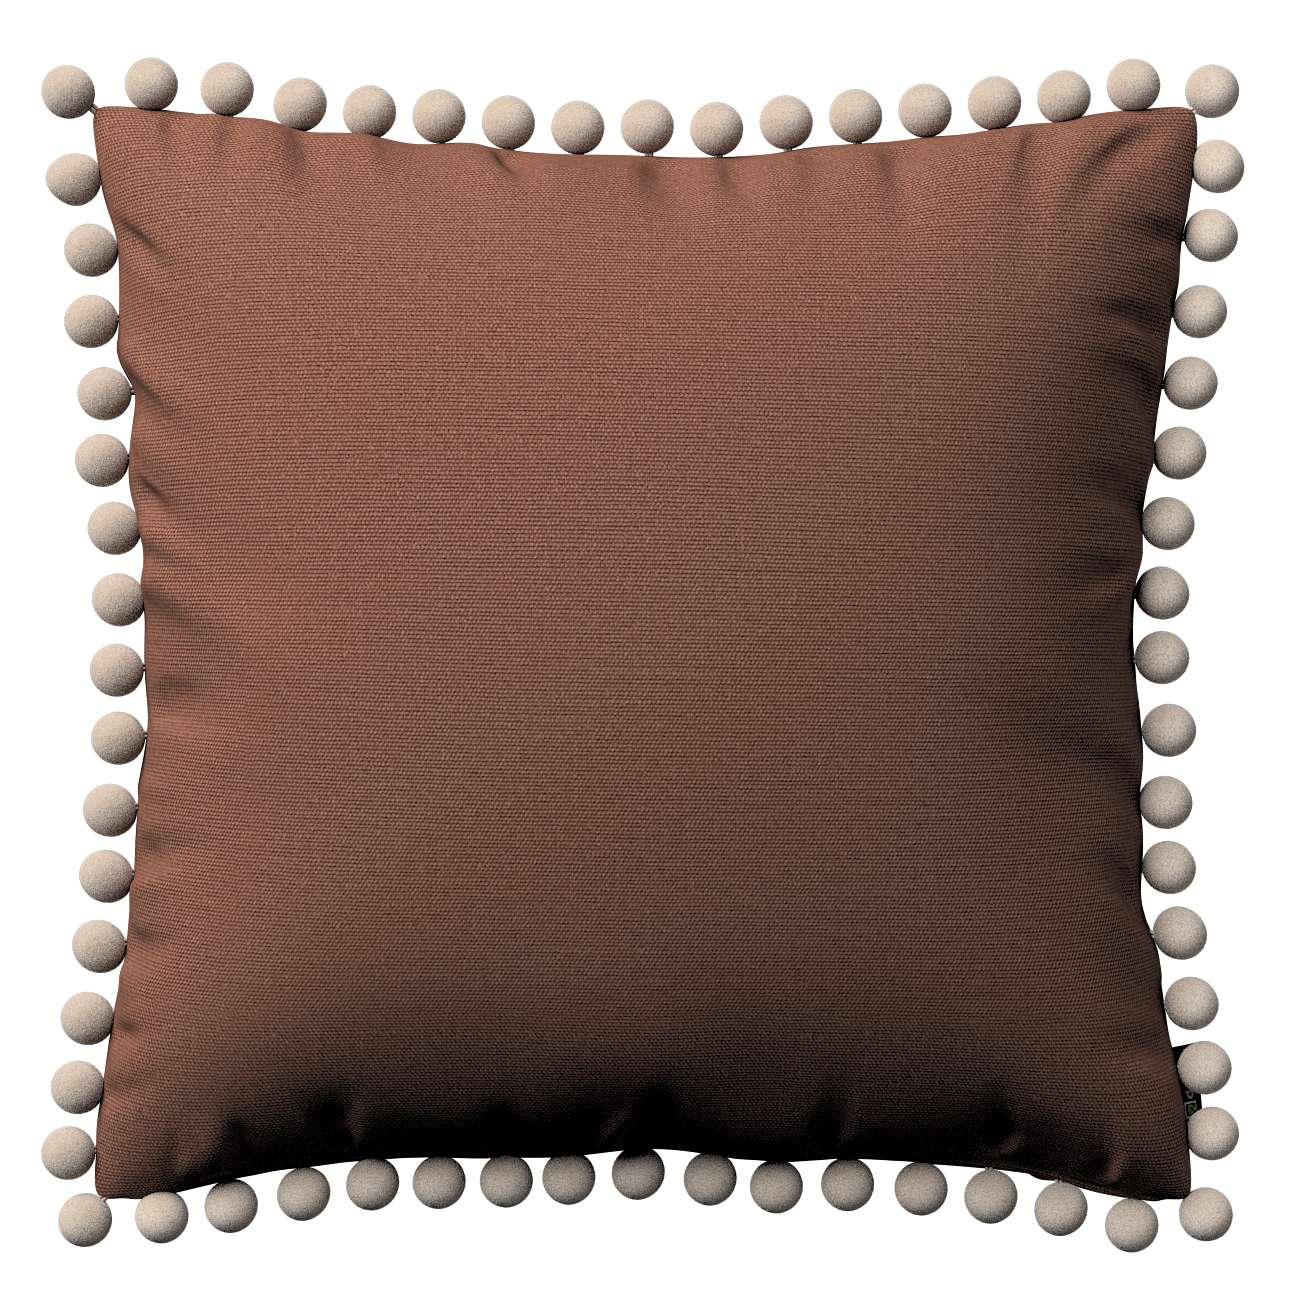 Wera dekoratyvinės pagalvėlės užvalkalas su žaismingais kraštais 45 × 45 cm kolekcijoje Loneta , audinys: 133-09